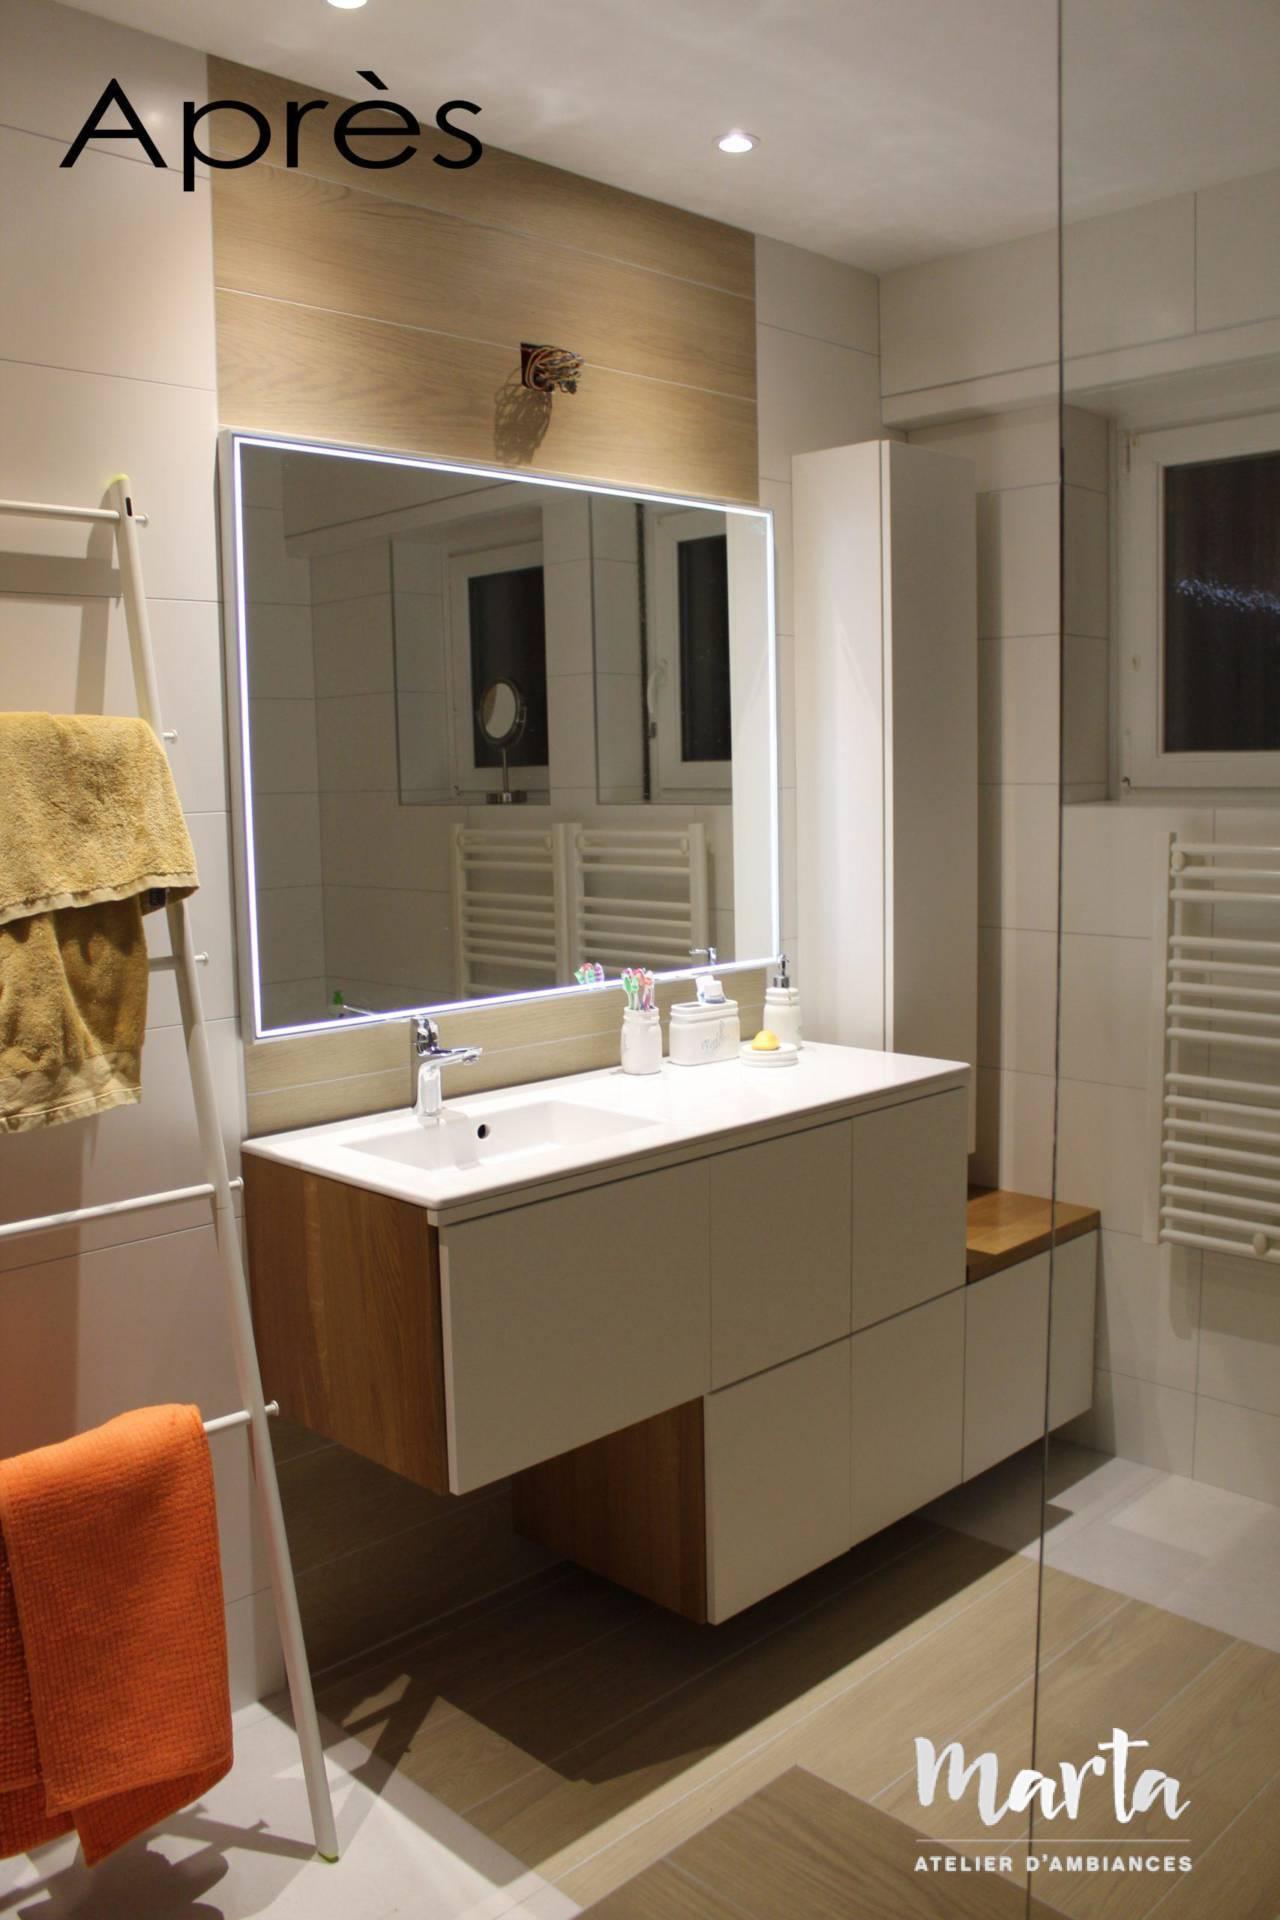 Après - Rénovation de salle de bain, par Marta Atelier d'Ambiances, Architecte d'intérieur à Mulhouse, Alsace